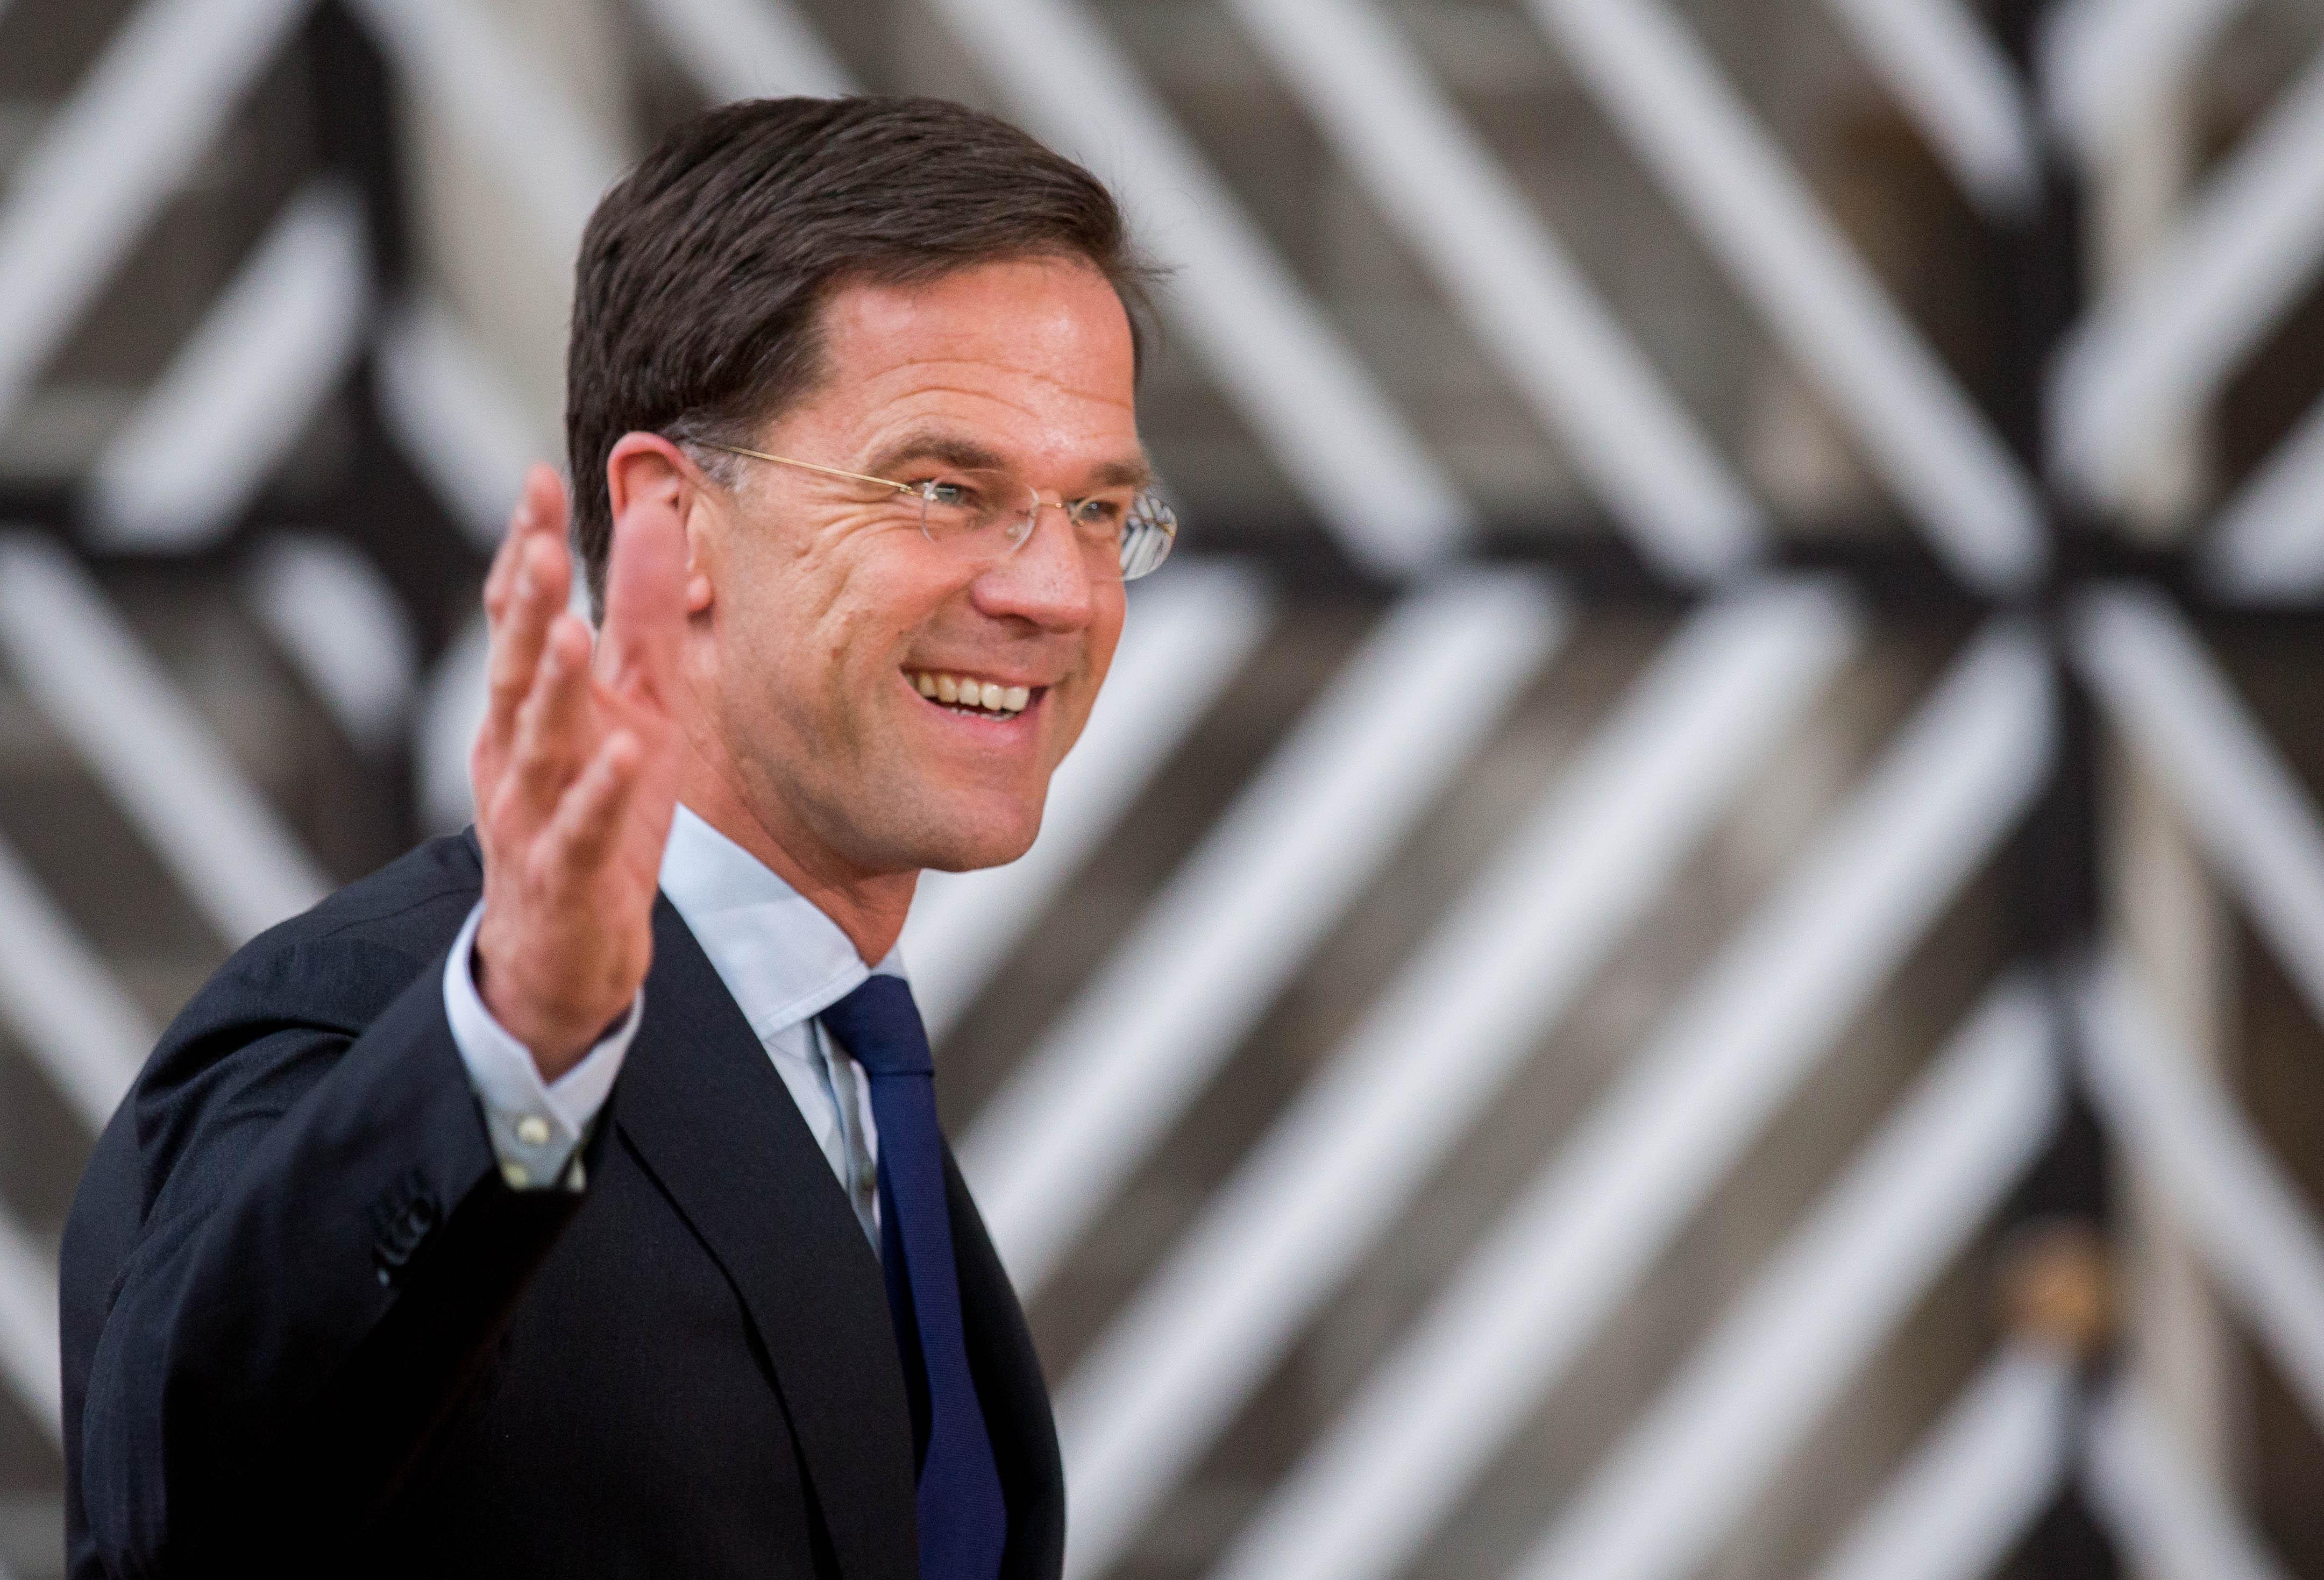 Alegeri parlamentare în Olanda cu miză uriașă pentru Europa. După BREXIT, urmează NEXIT?